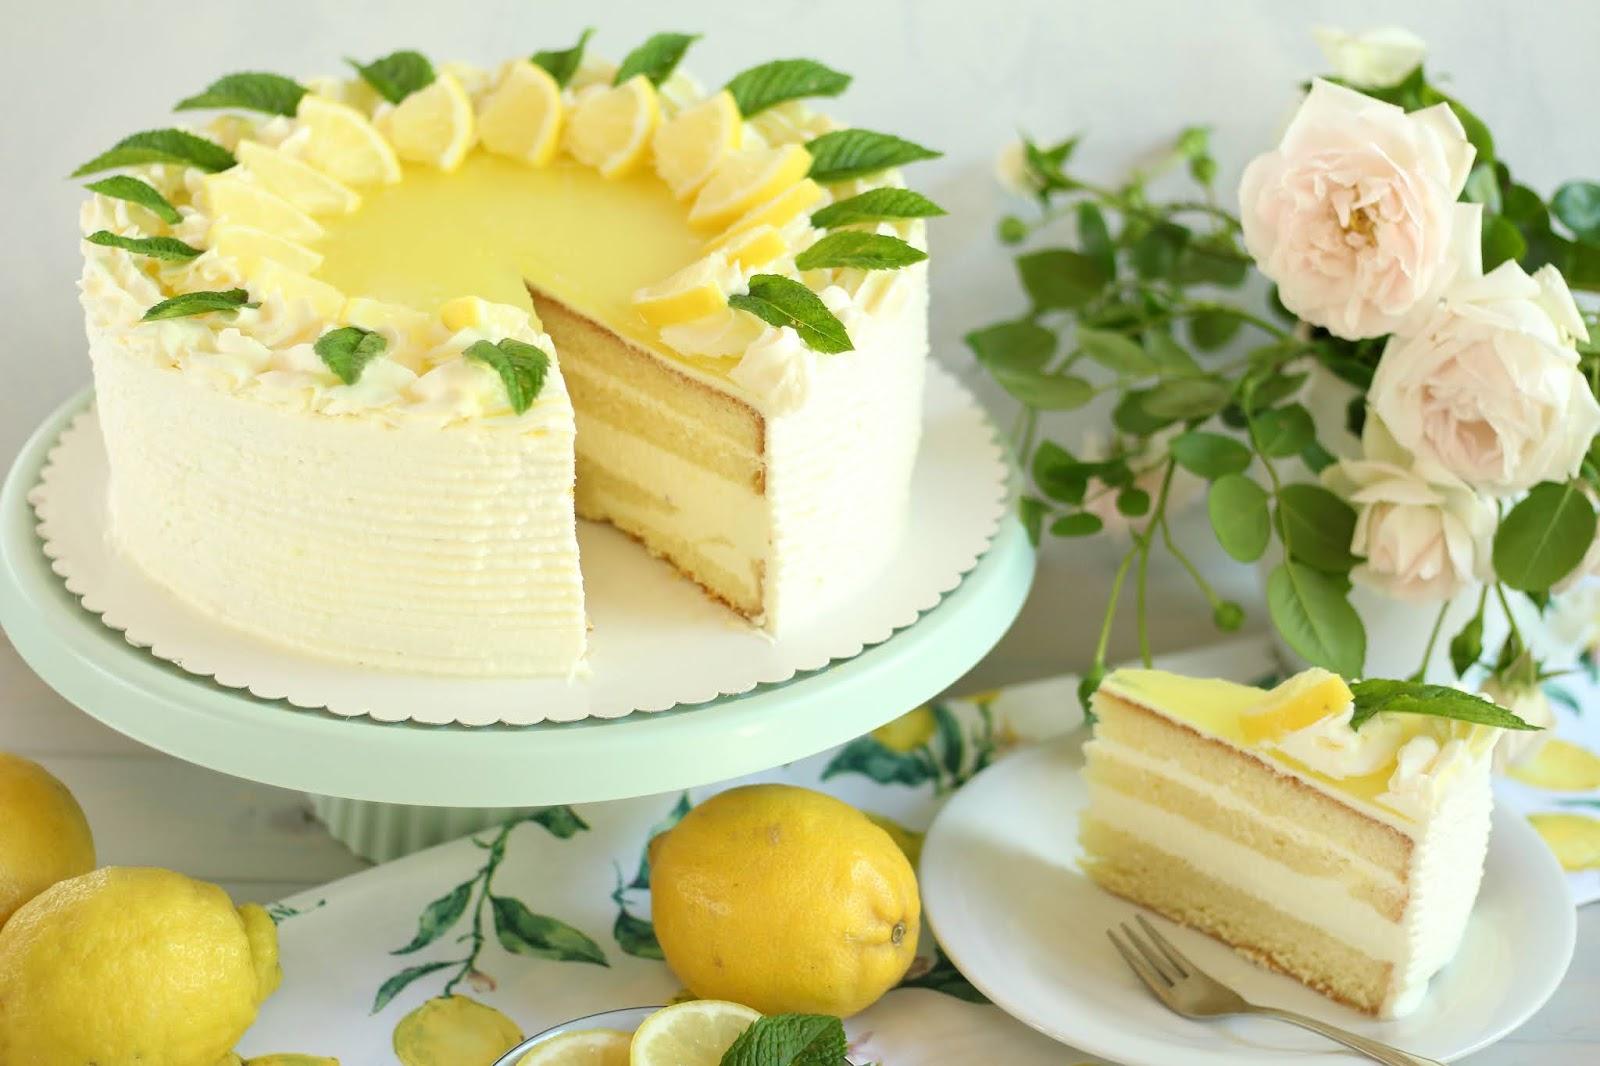 🍋 Super erfrischende Zitronen-Joghurt-Torte mit Götterspeise! 🍋 | Rezept und Video von Sugarprincess